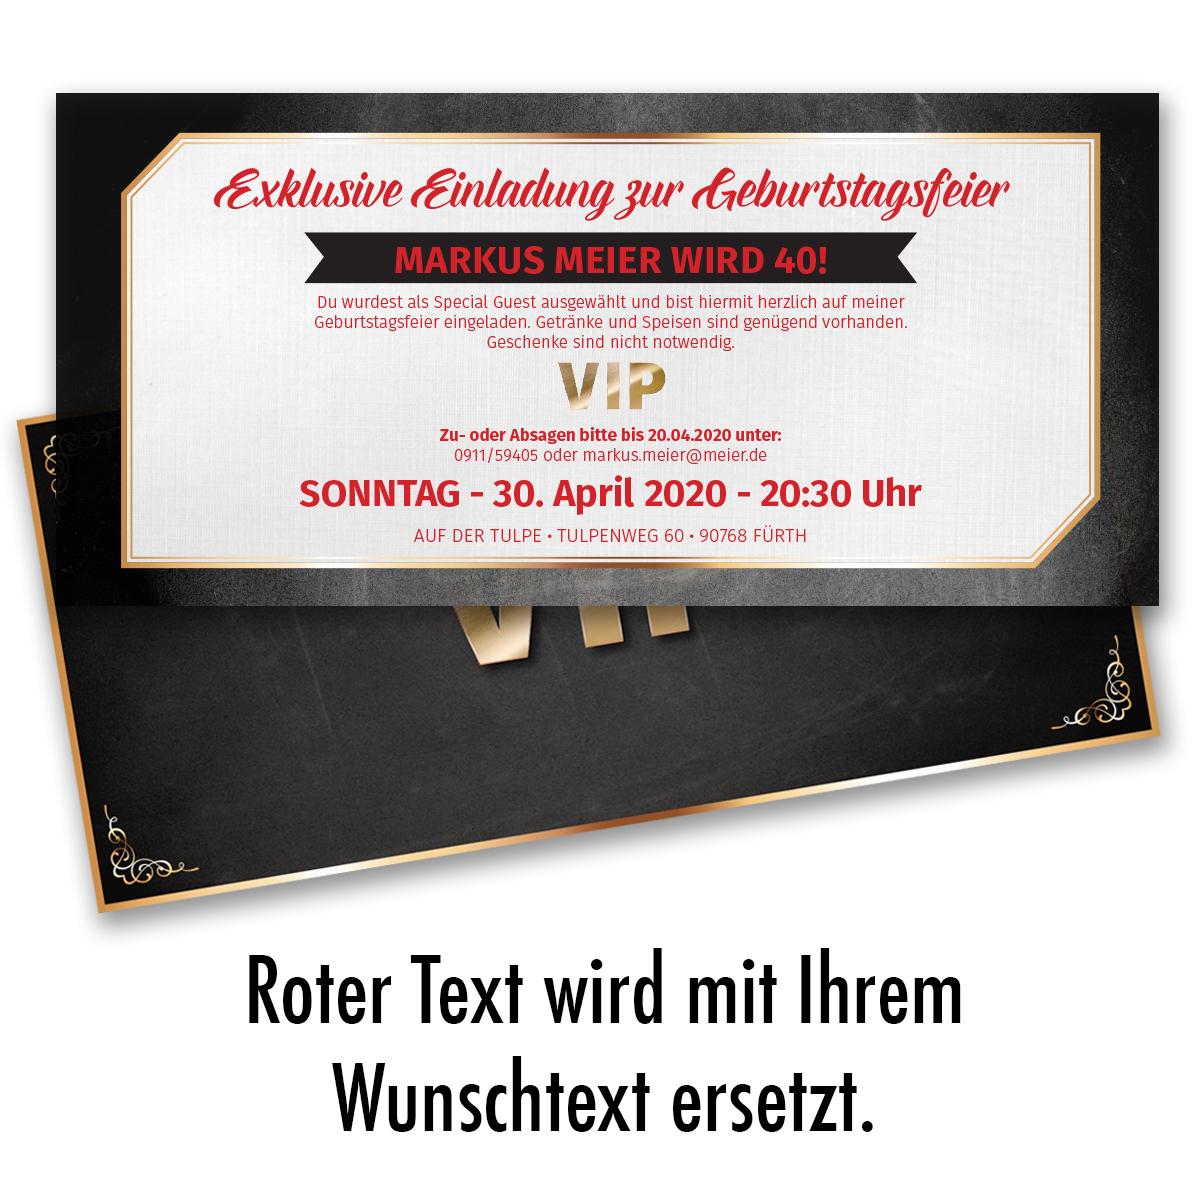 Einladungskarten zum Geburtstag VIP Karte Ticket Einladung Edel | eBay - Einladungskarten Vip Ticket